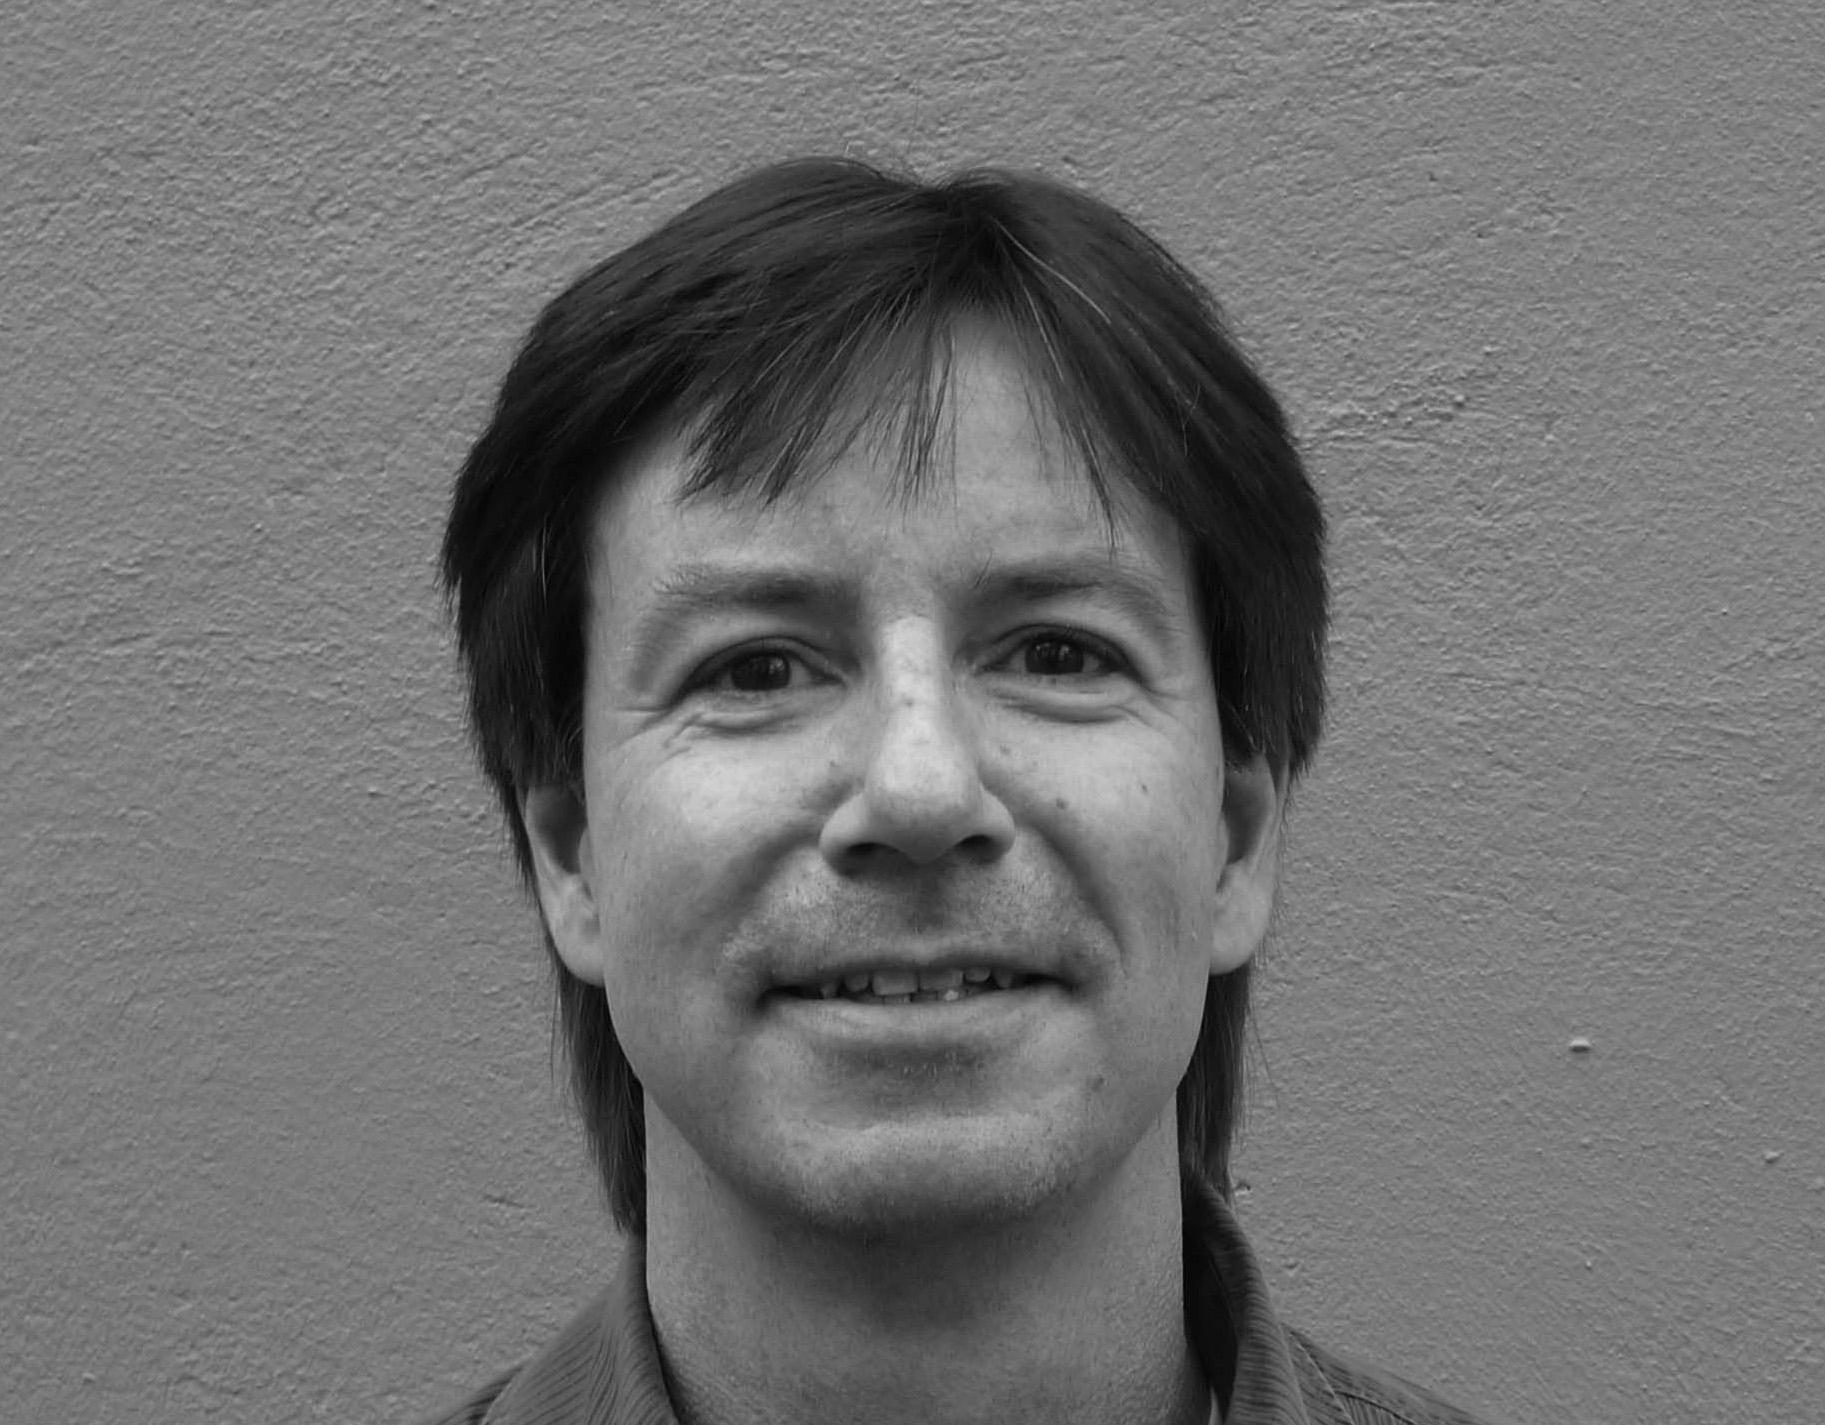 Portrait of Harald Steiner